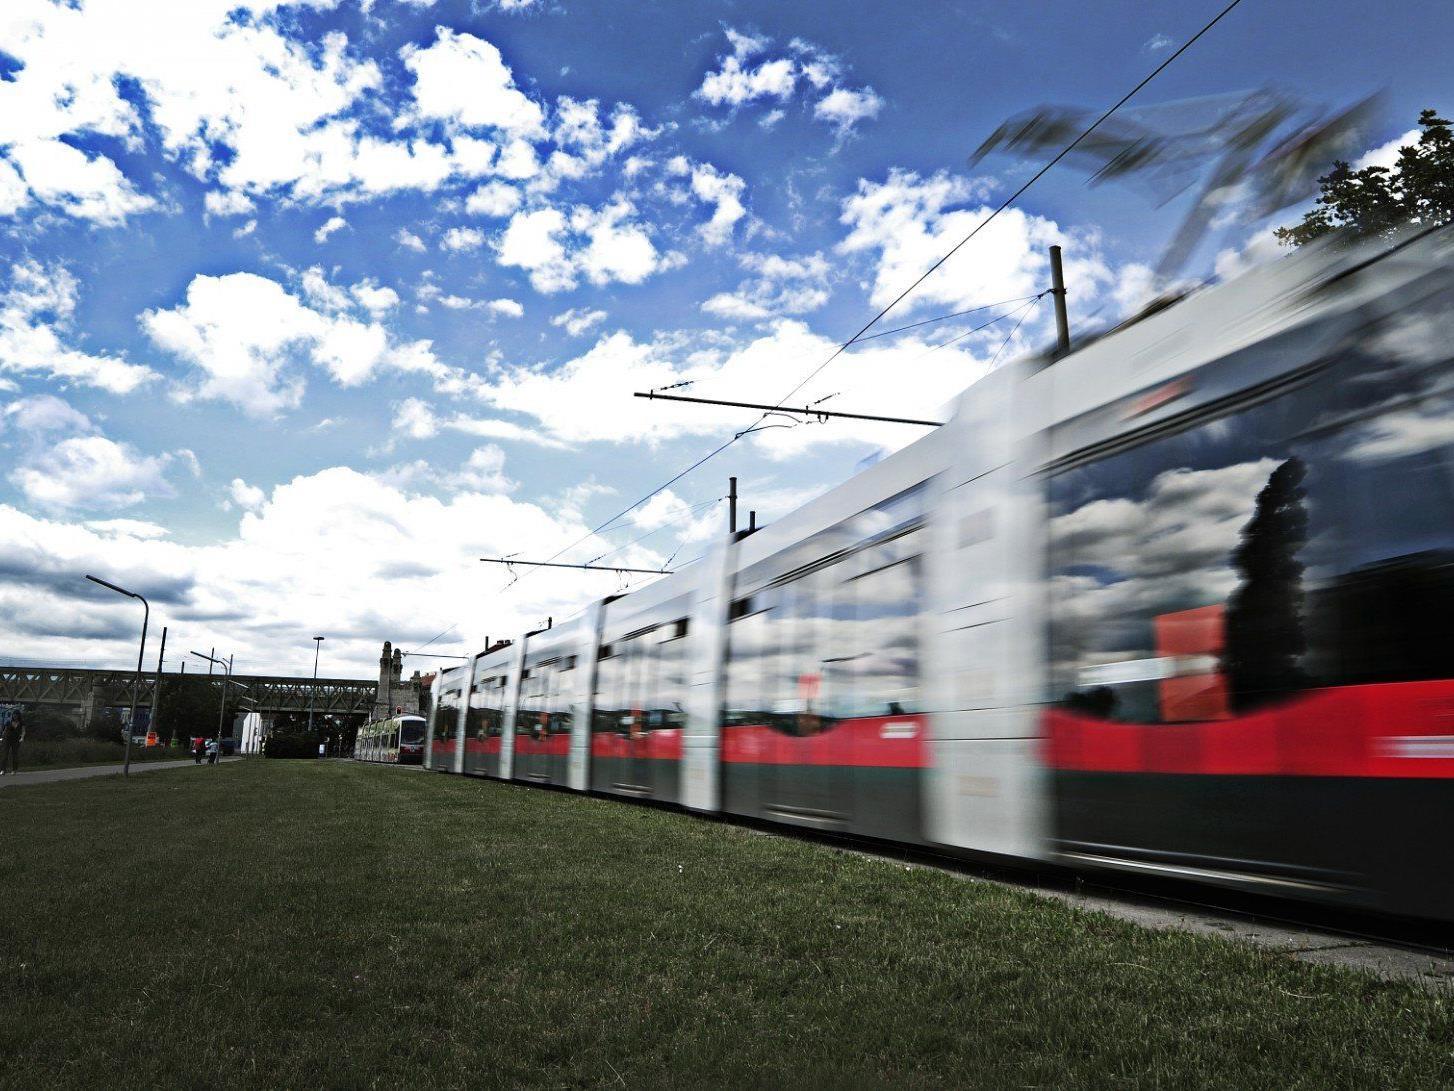 http://www.vienna.at/oeffi-tickets-der-wiener-linien-werden-ab-1-juli-teurer/3561773